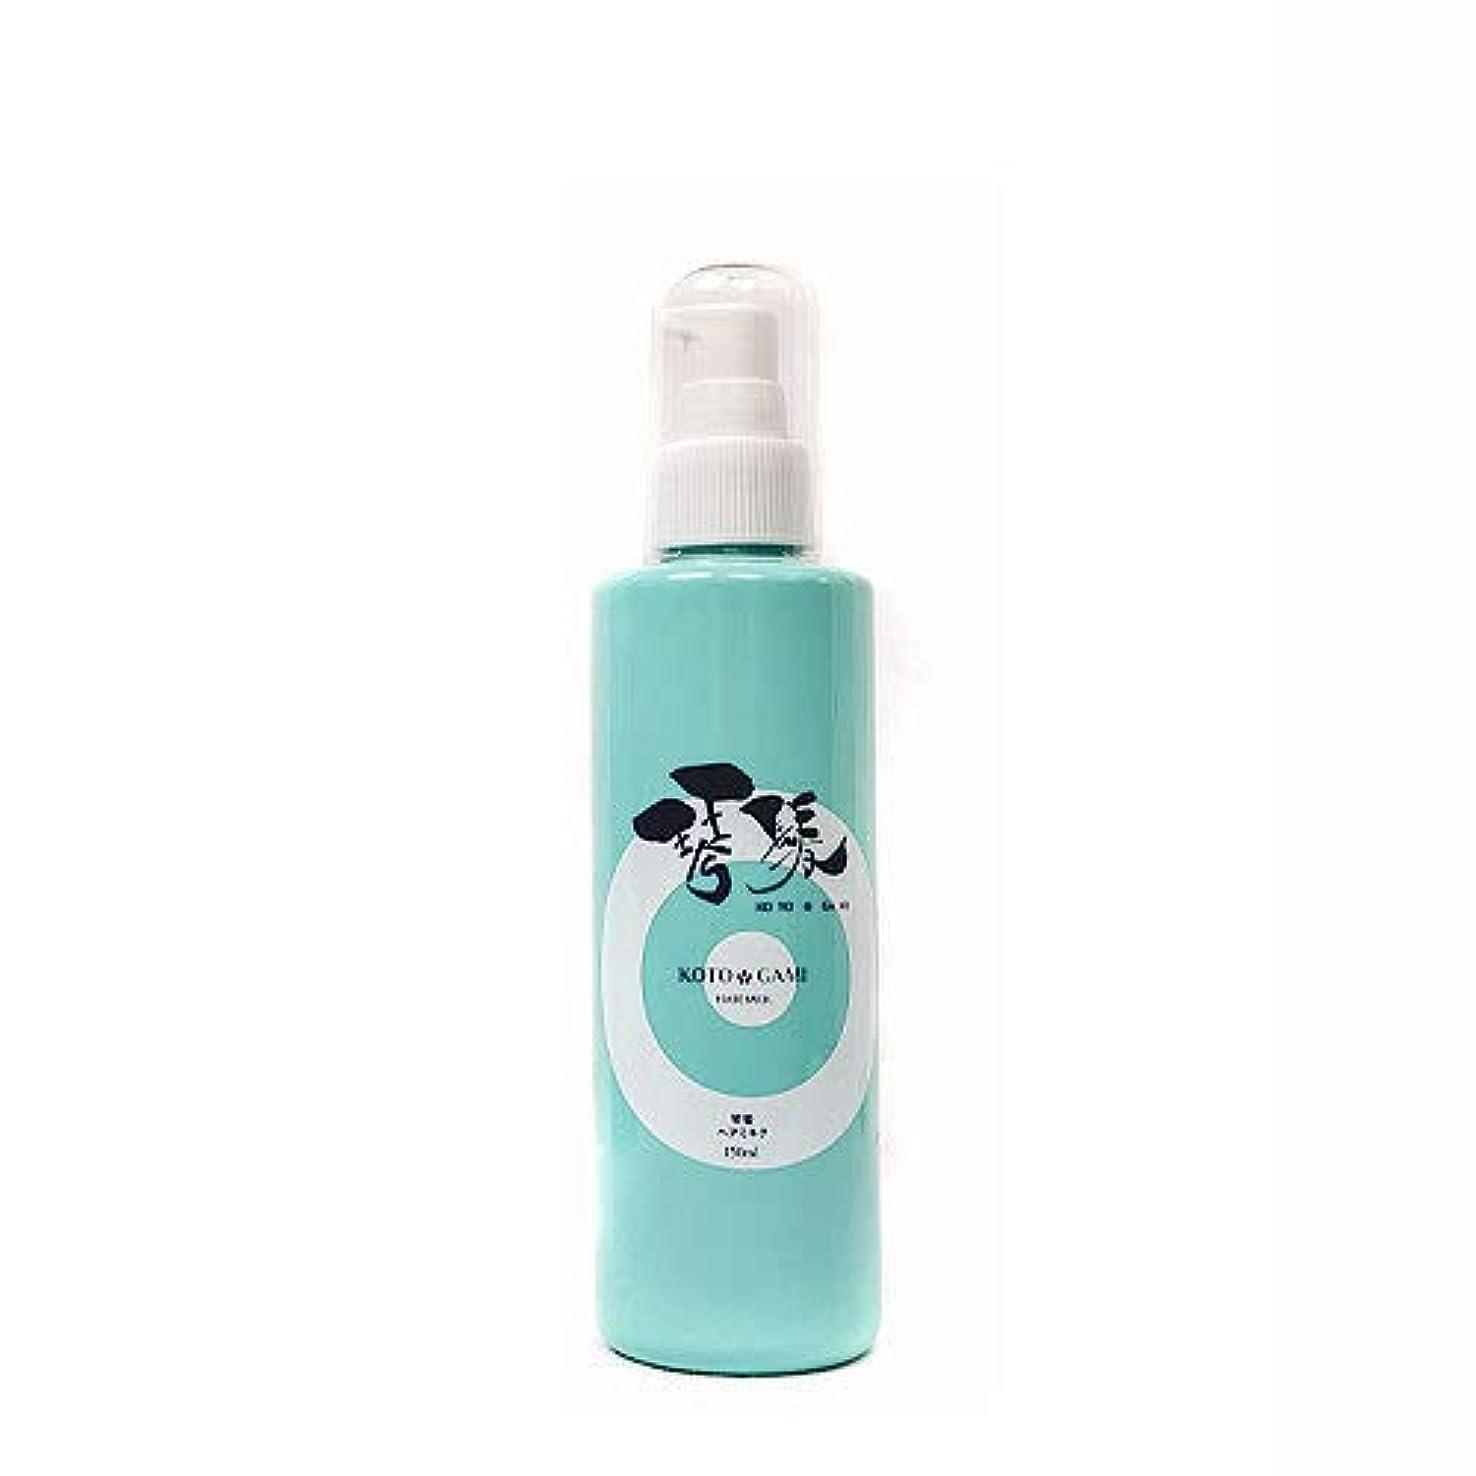 錫嫌がらせ徴収琴髪 kotogami ケラチン 補修 スタイリング剤 スタイリングミルク 150mL 無香料 (1個)